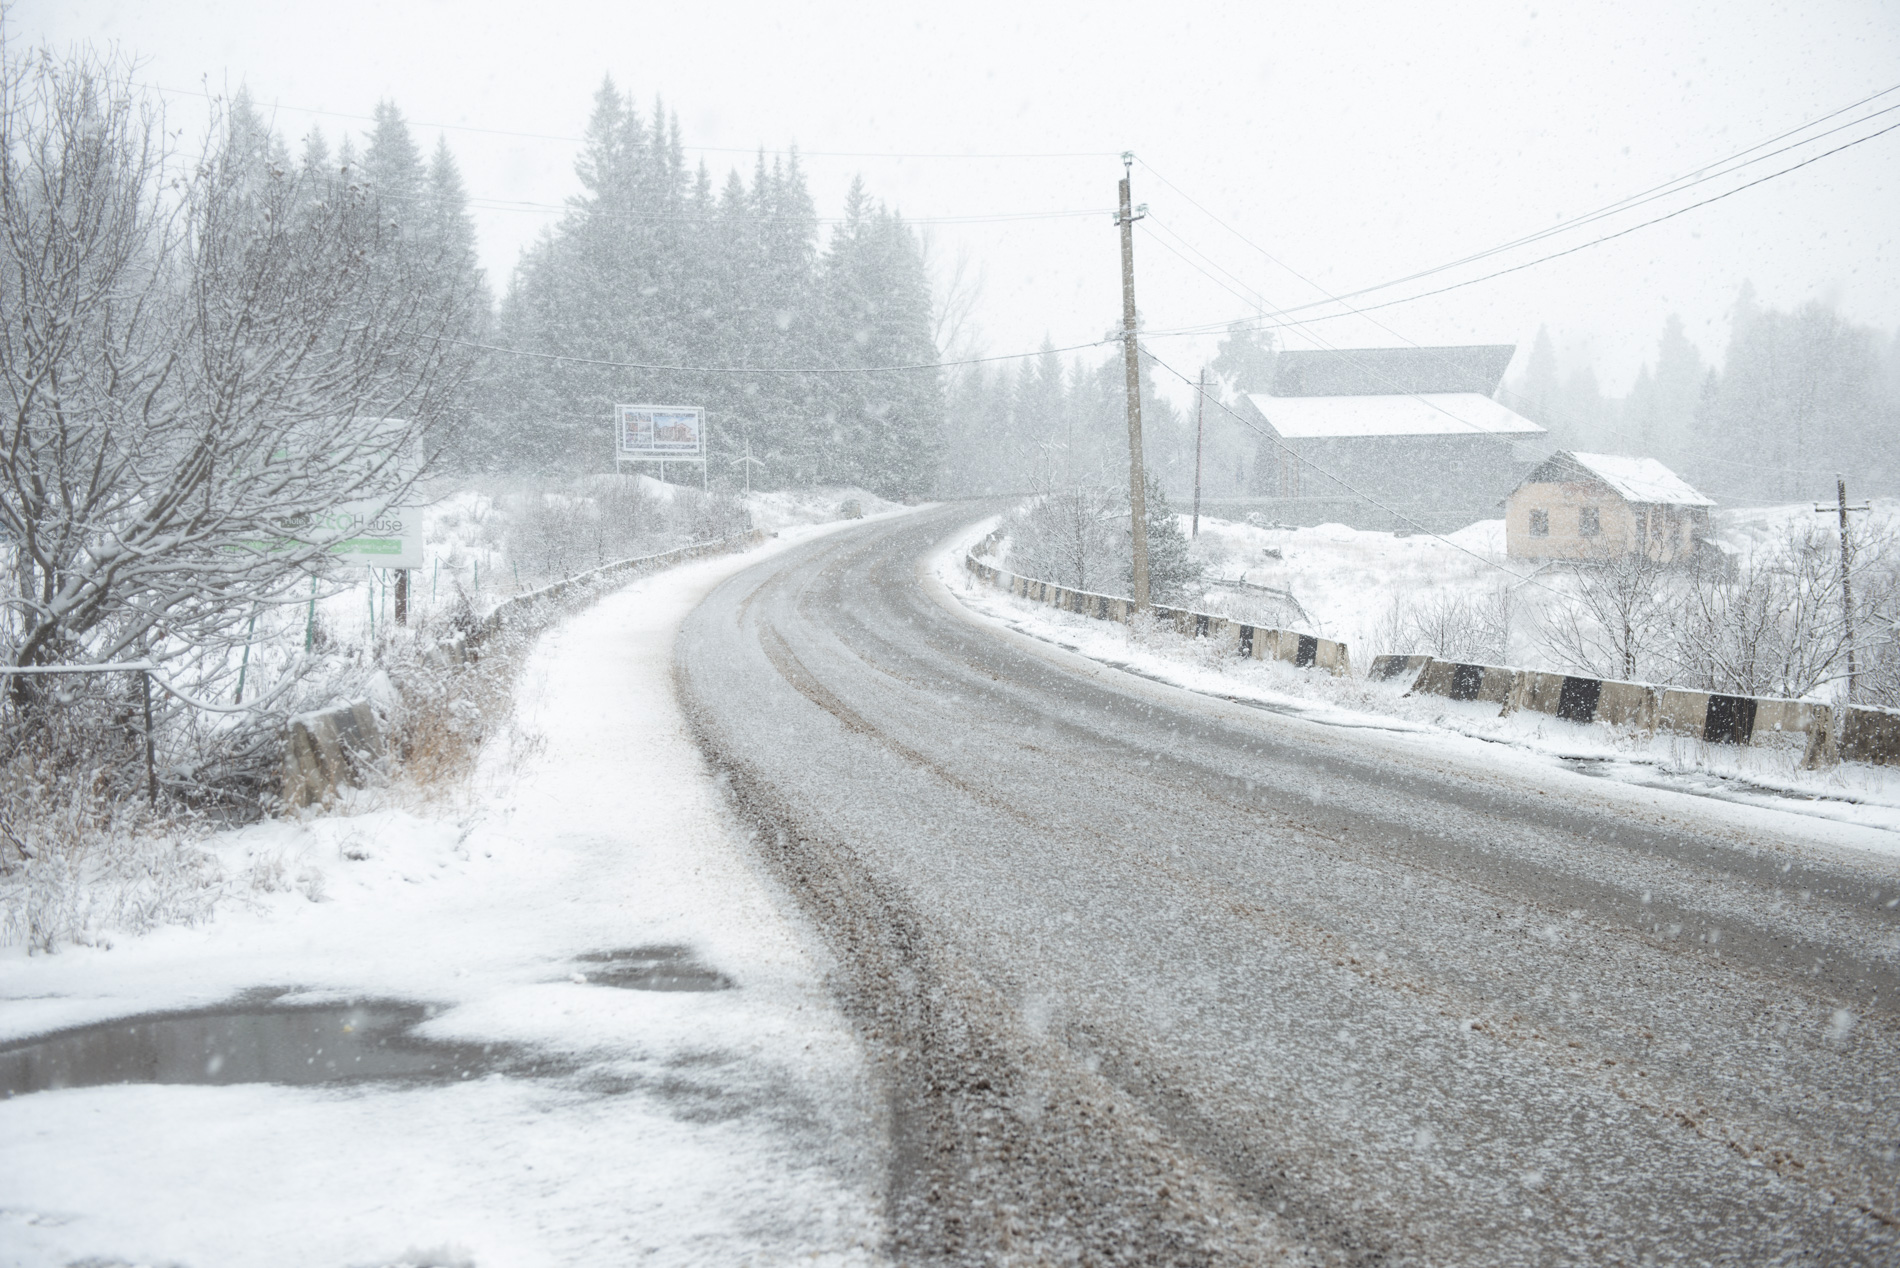 «Раньше мы начинали работать, как только выпадал хороший снег», — Асмат Меликишвили, администратор коттеджа в Бакуриани. Фото: Тамуна Чкареули / OC Media.